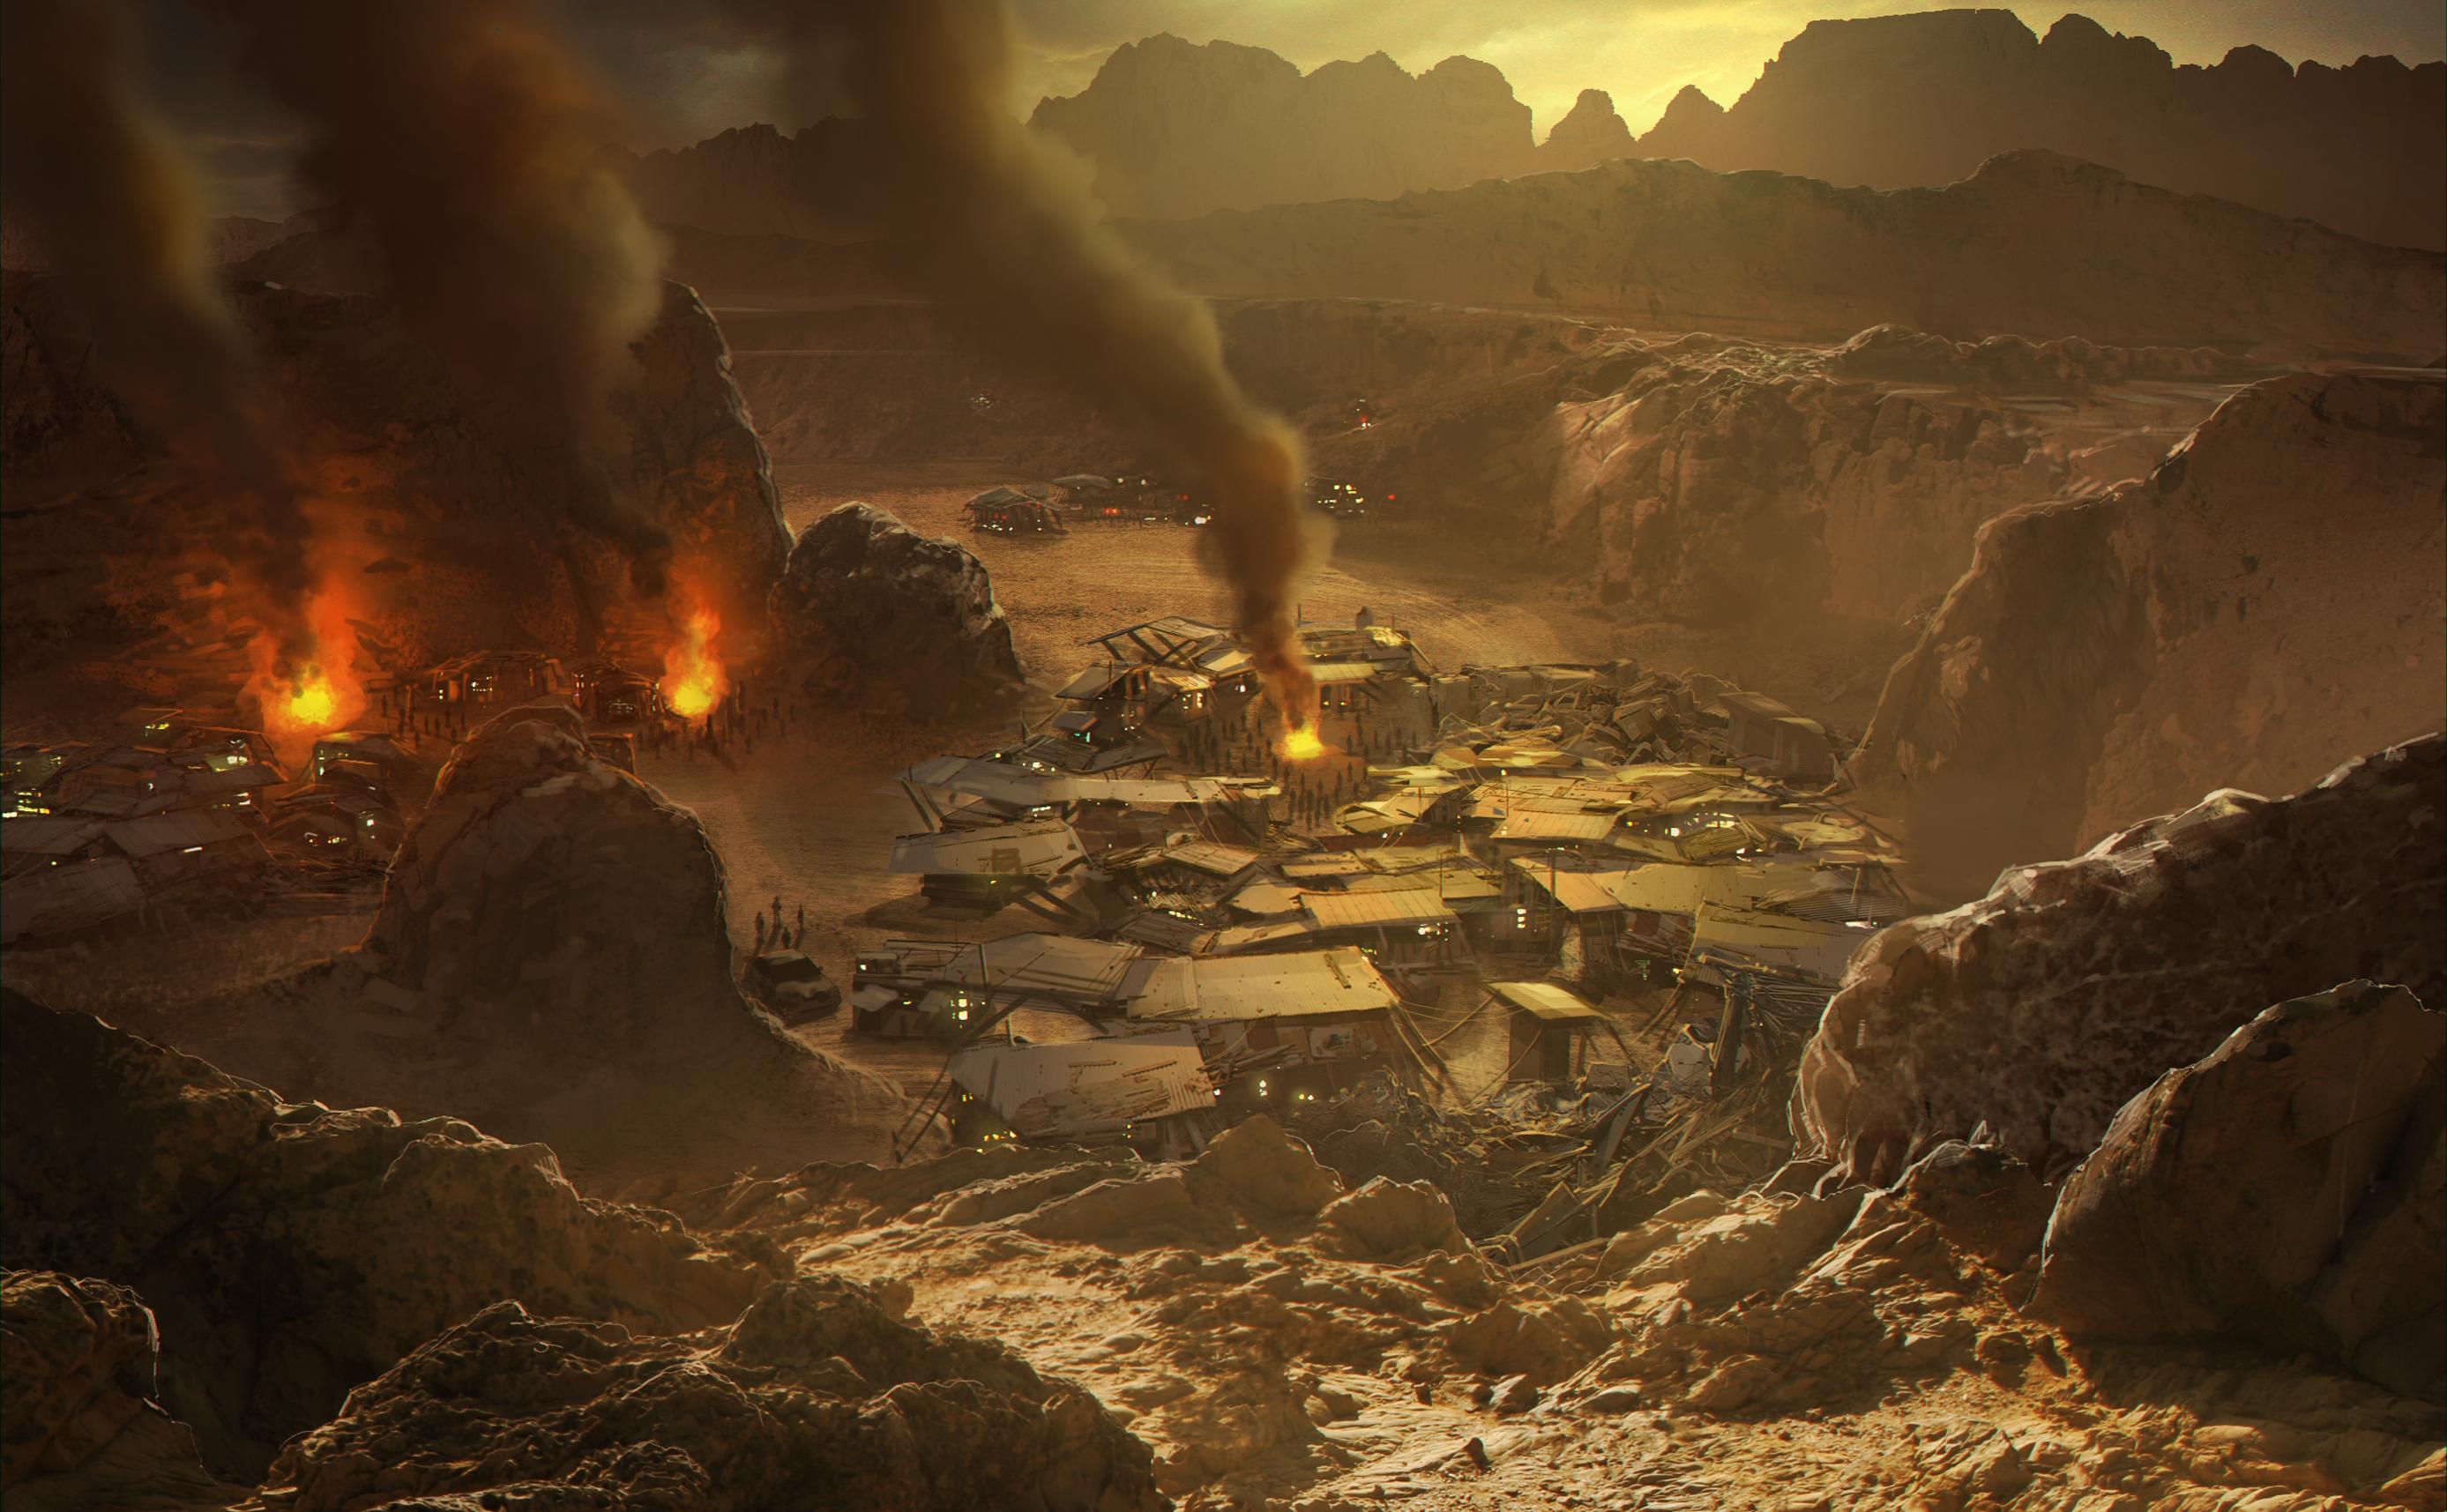 Image result for armageddon images